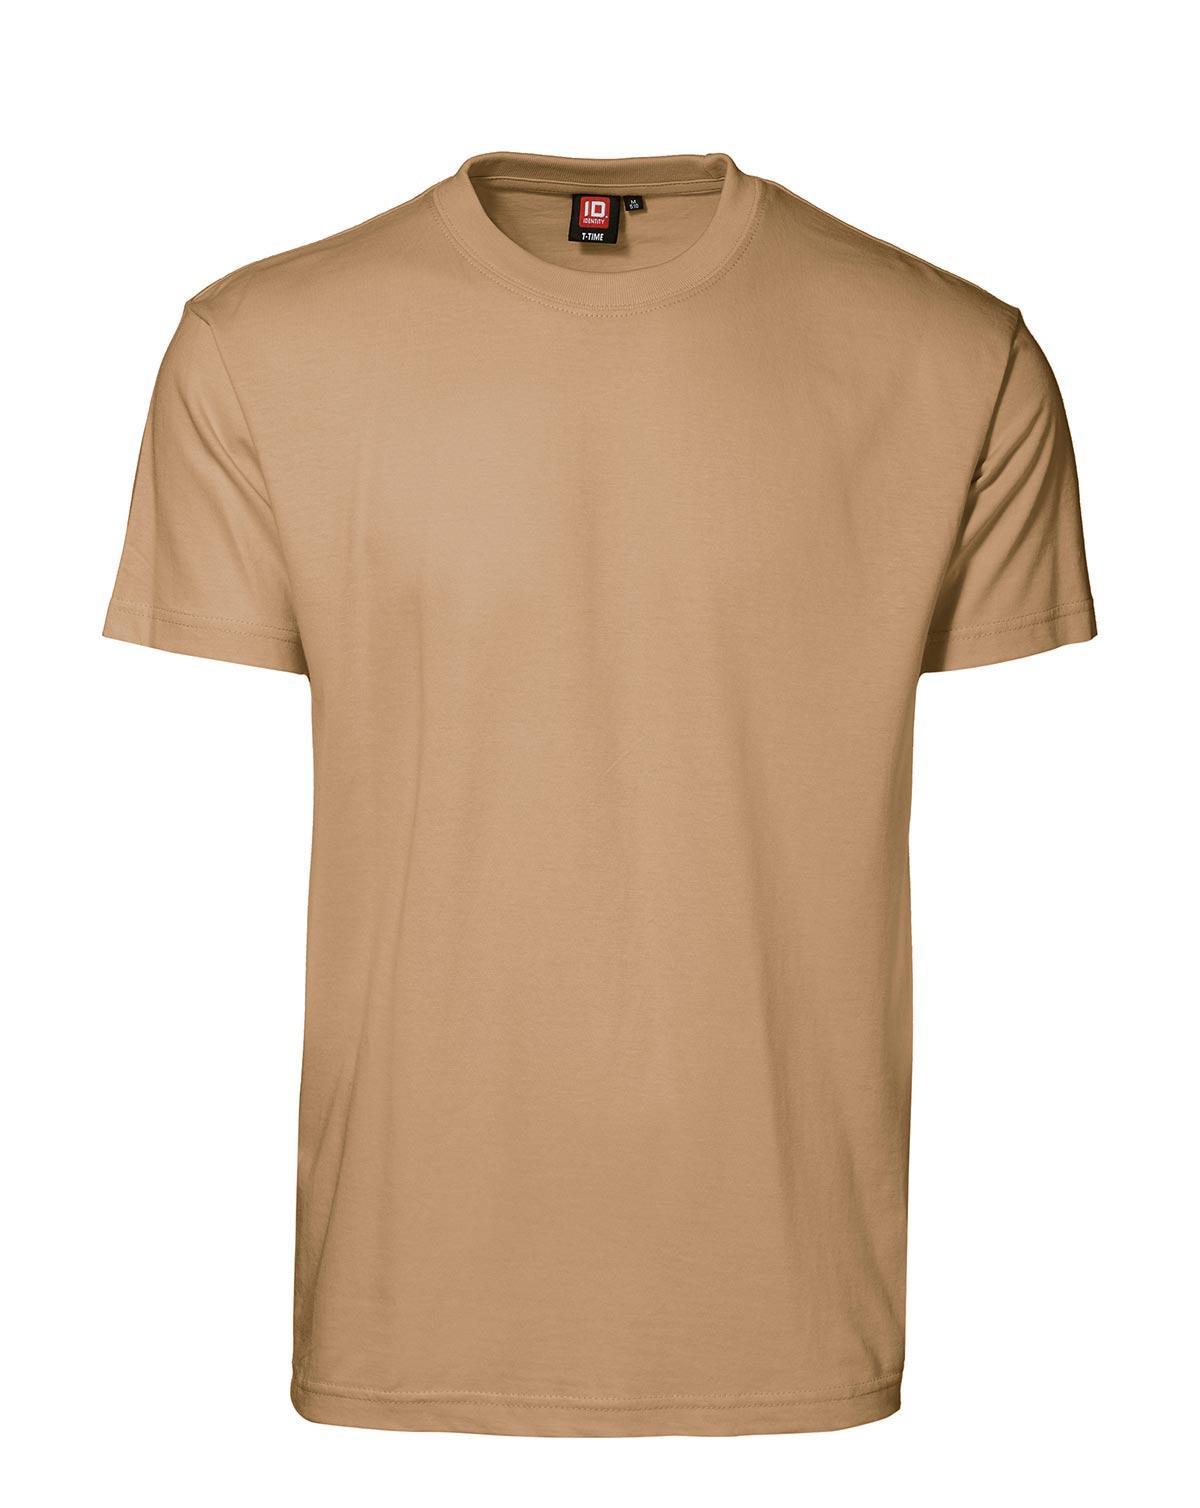 ID T-Time T-shirt, rund hals (Sand, L)